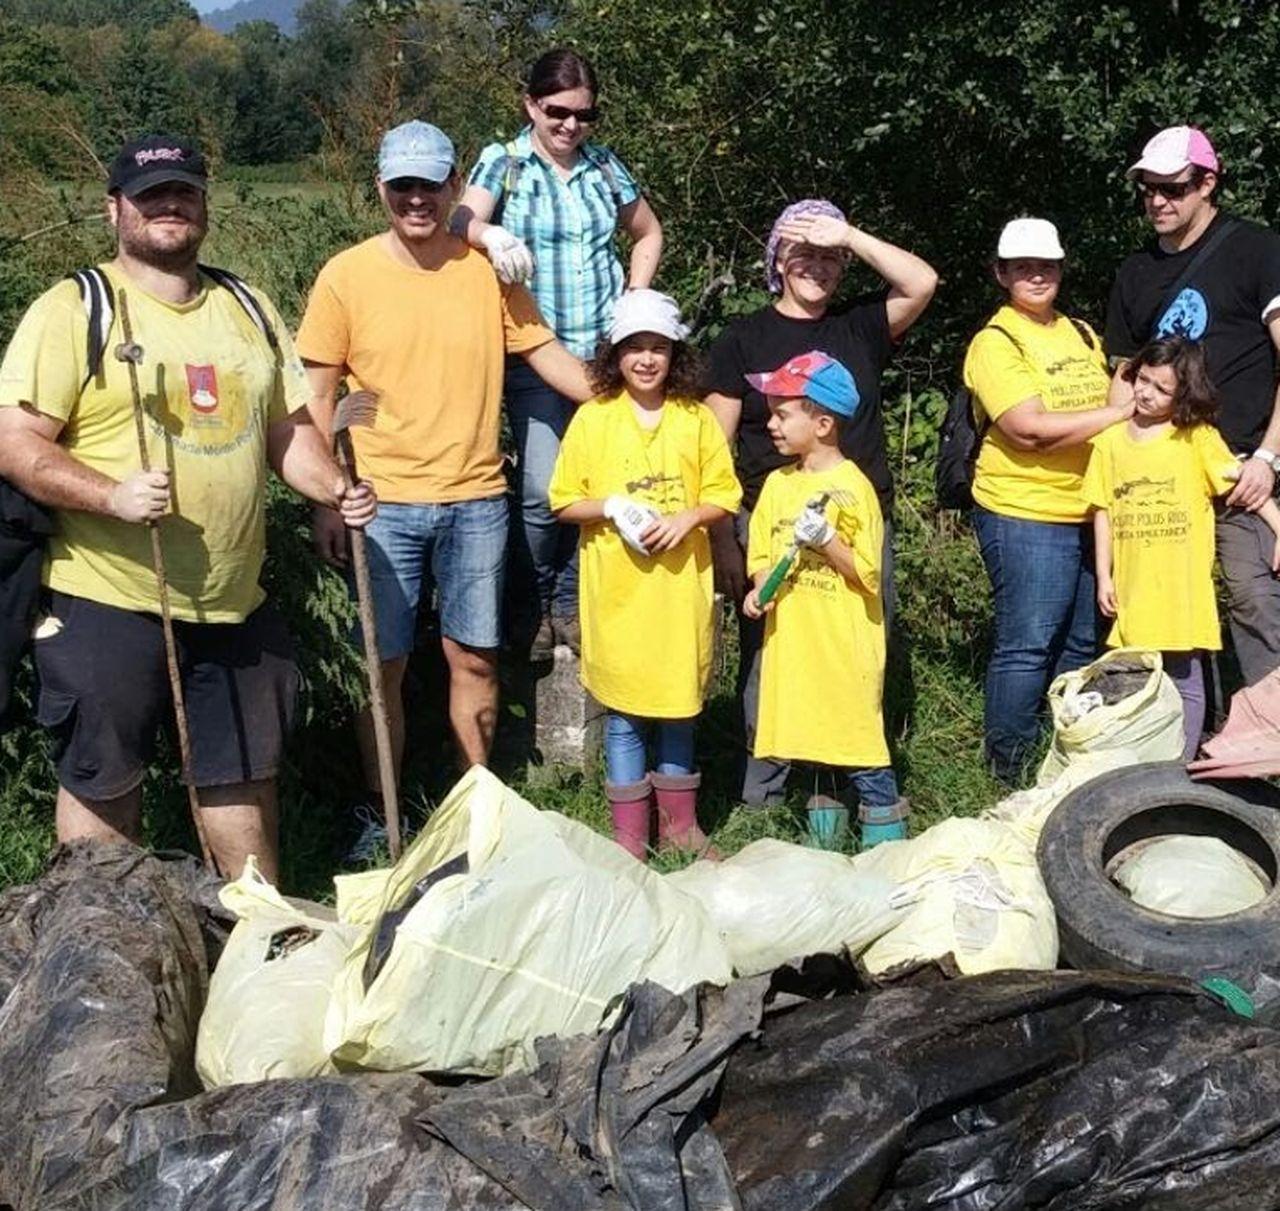 Parte de un grupo amiense que particip� en la VIII Limpeza Simult�- nea que se llev� a cabo el pasado a�o 2015 gracias a Adega.  - FOTO: Adega